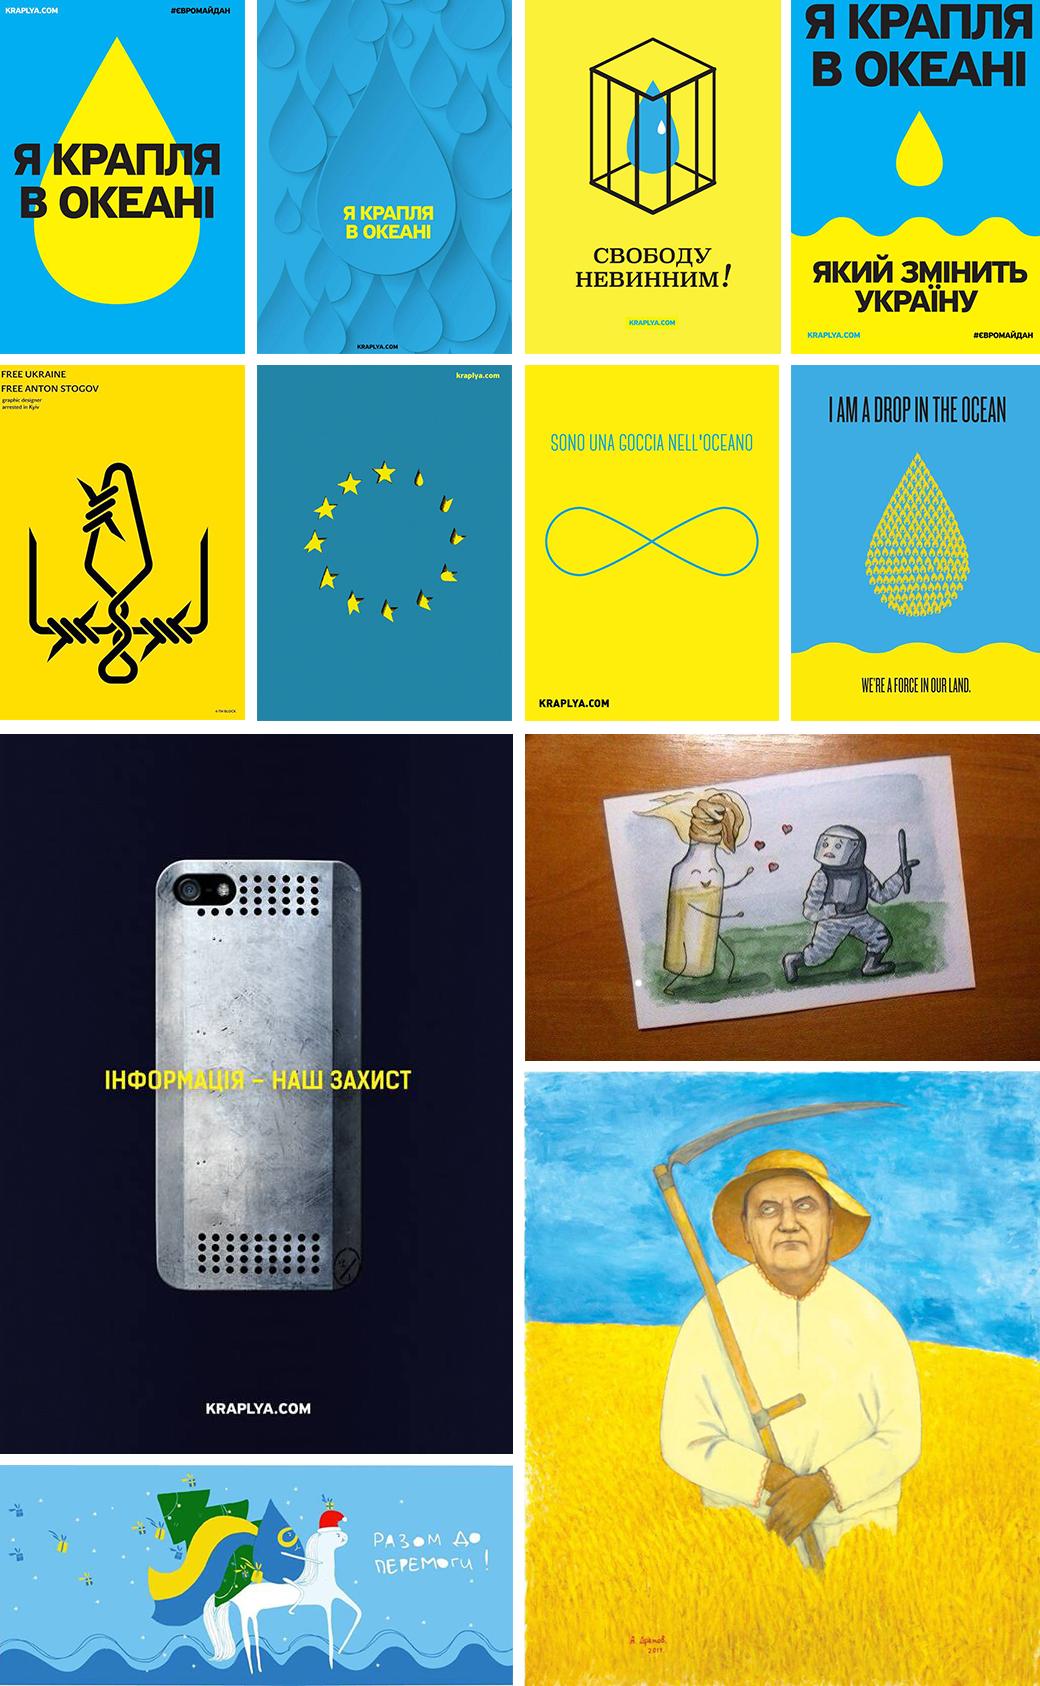 Протестное искусство на Майдане: Плакаты, перформансы, стрит-арт. Изображение № 1.